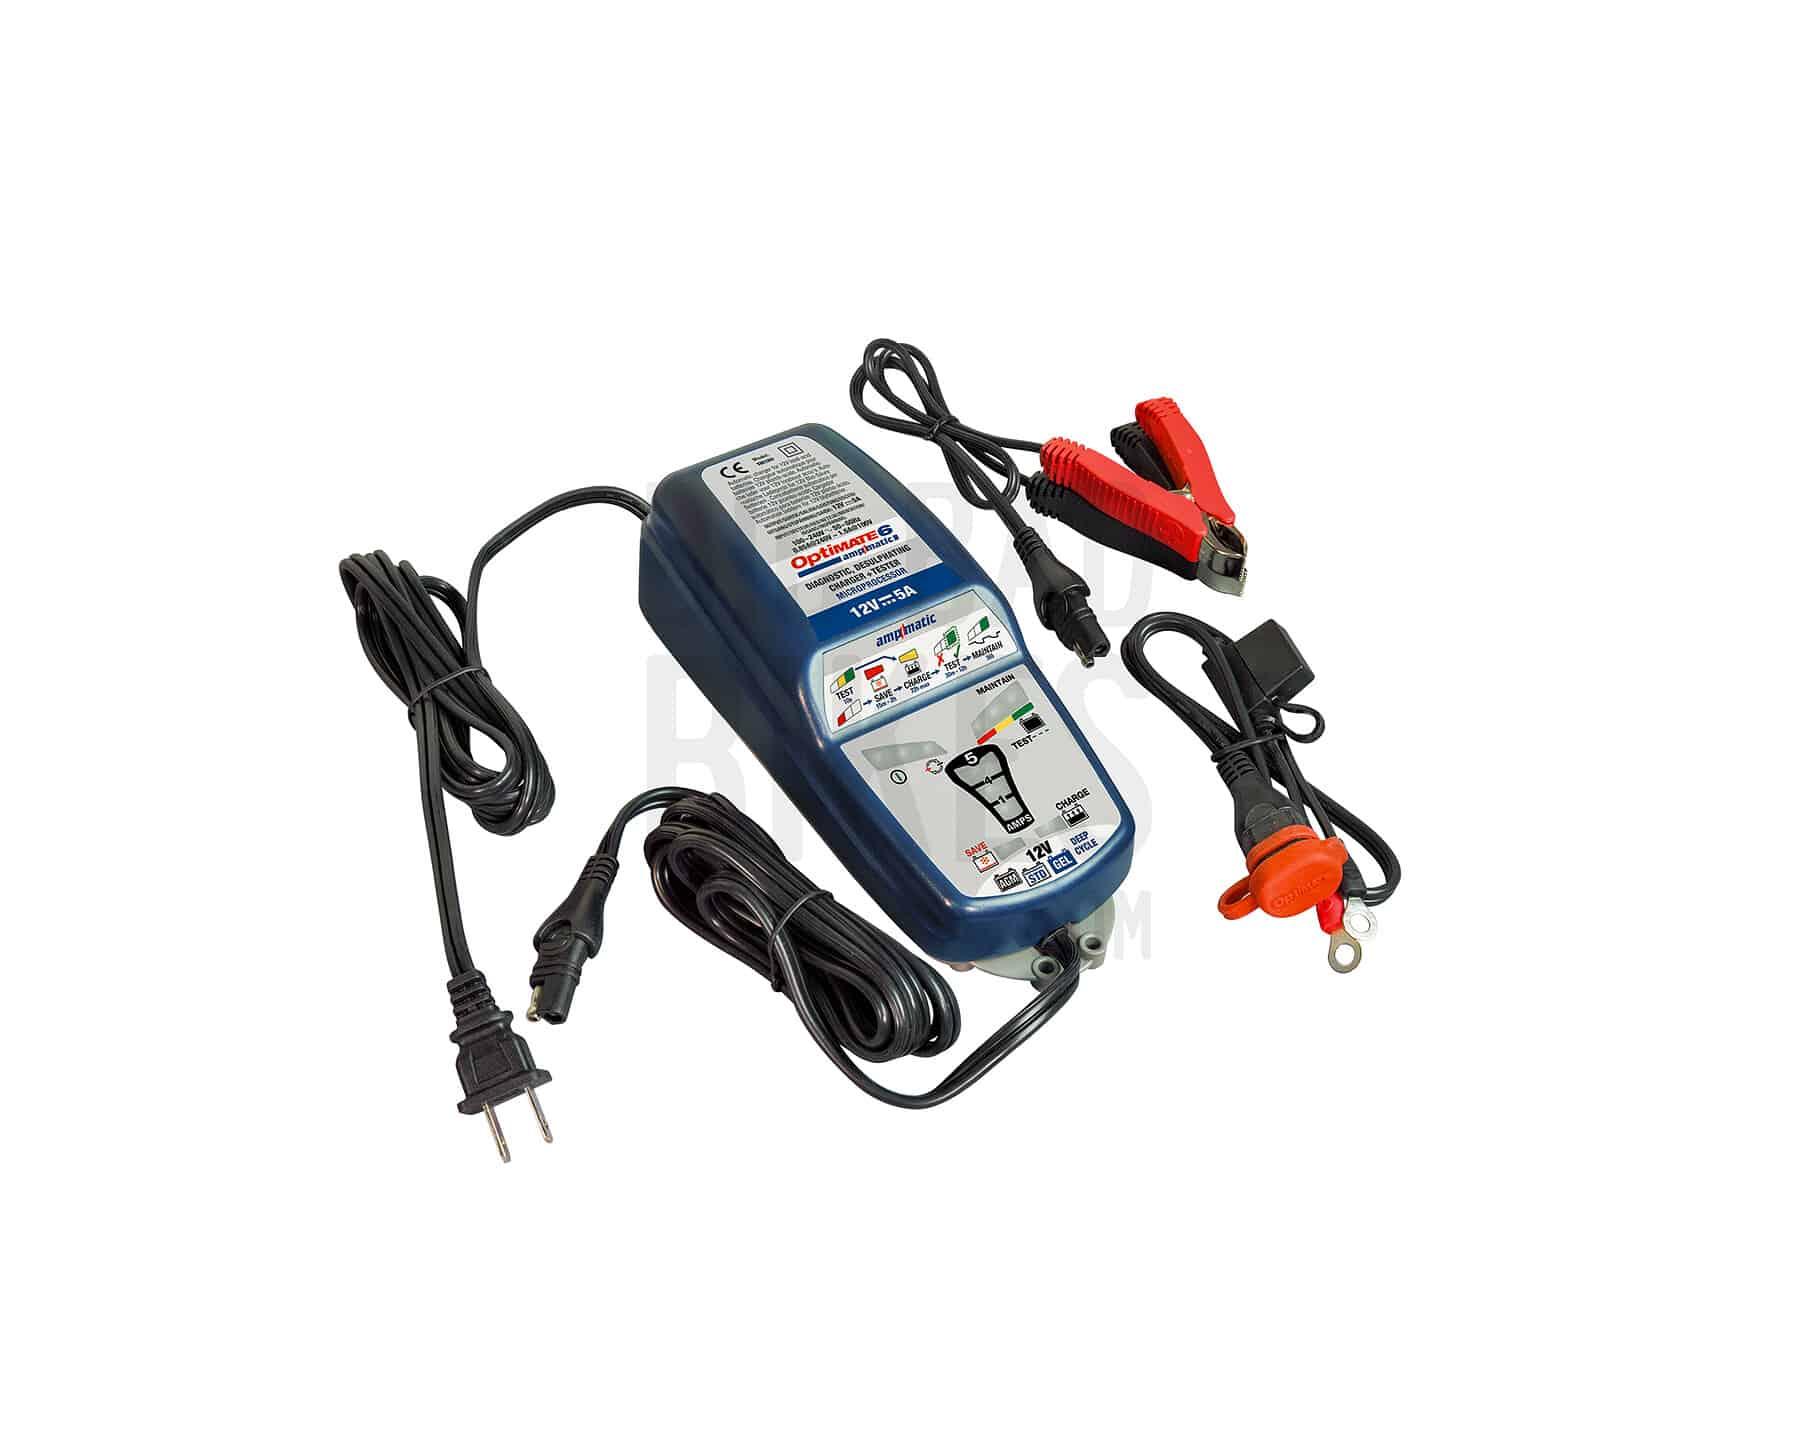 OptiMate 6 Ampmatic TM18x-2